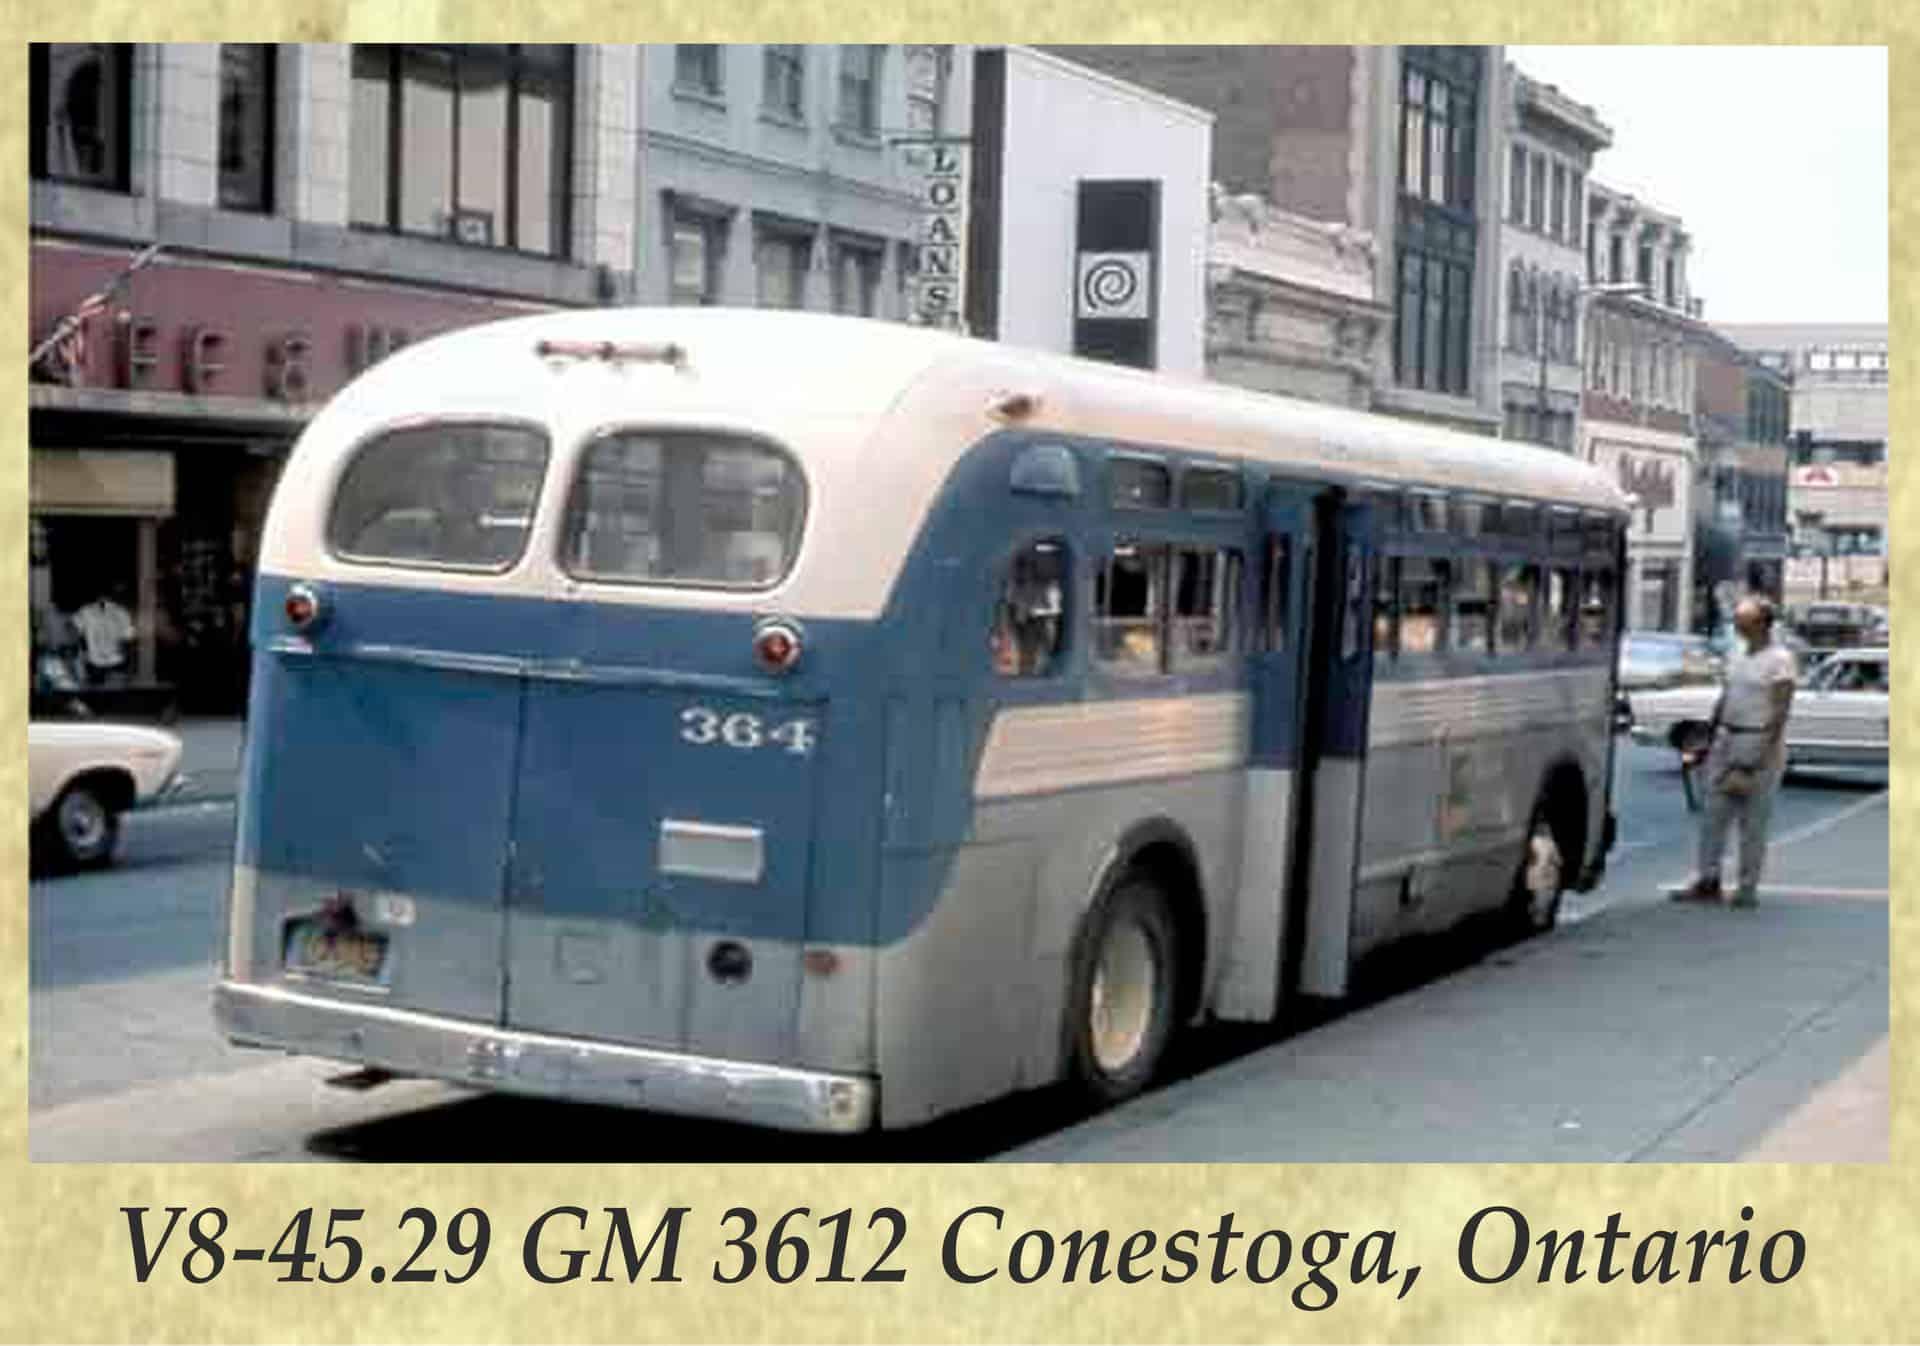 V8-45.29 GM 3612 Conestoga, Ontario